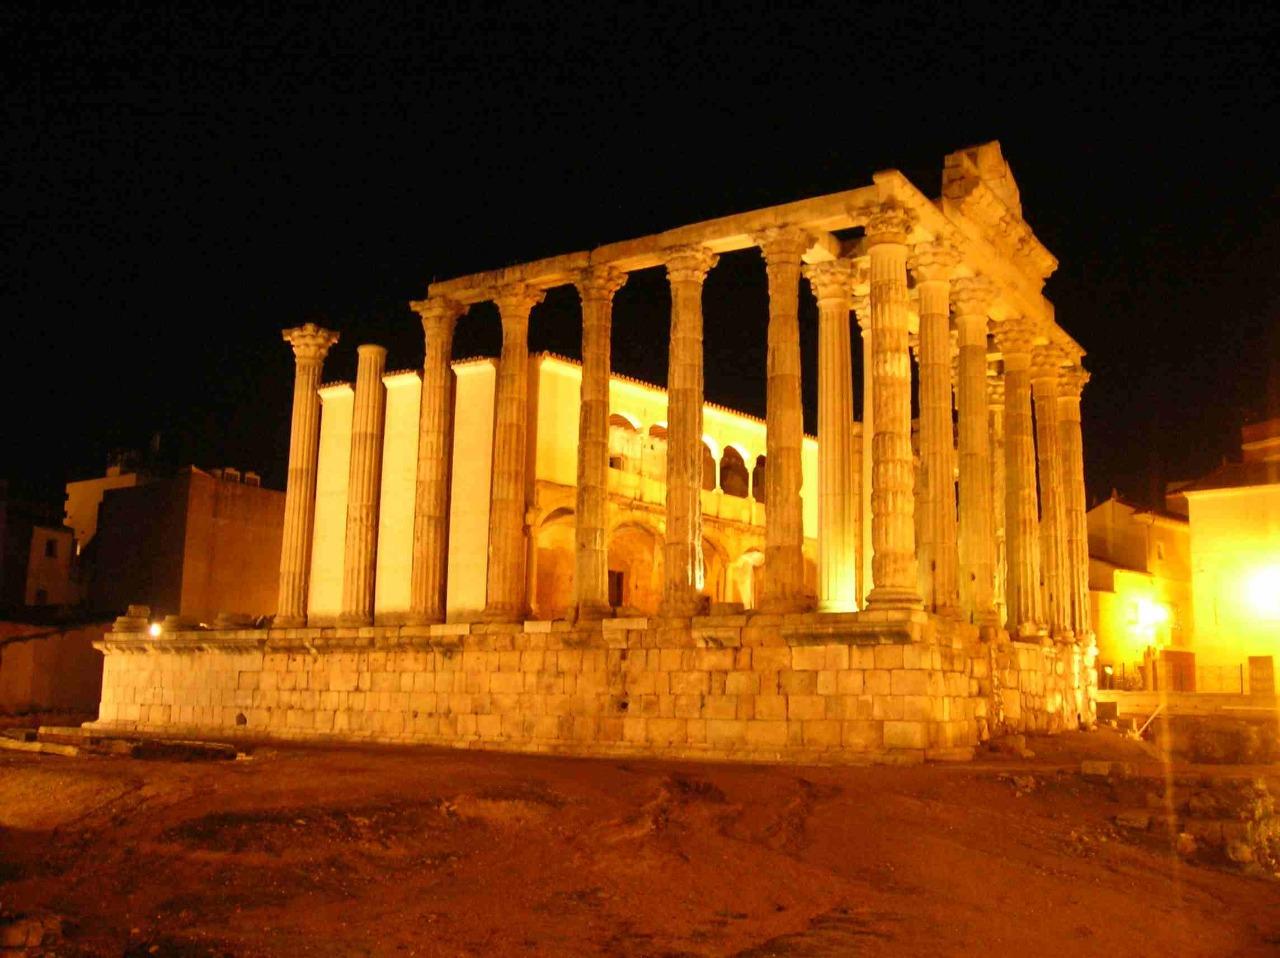 vista nocturna del templo de diana en merida